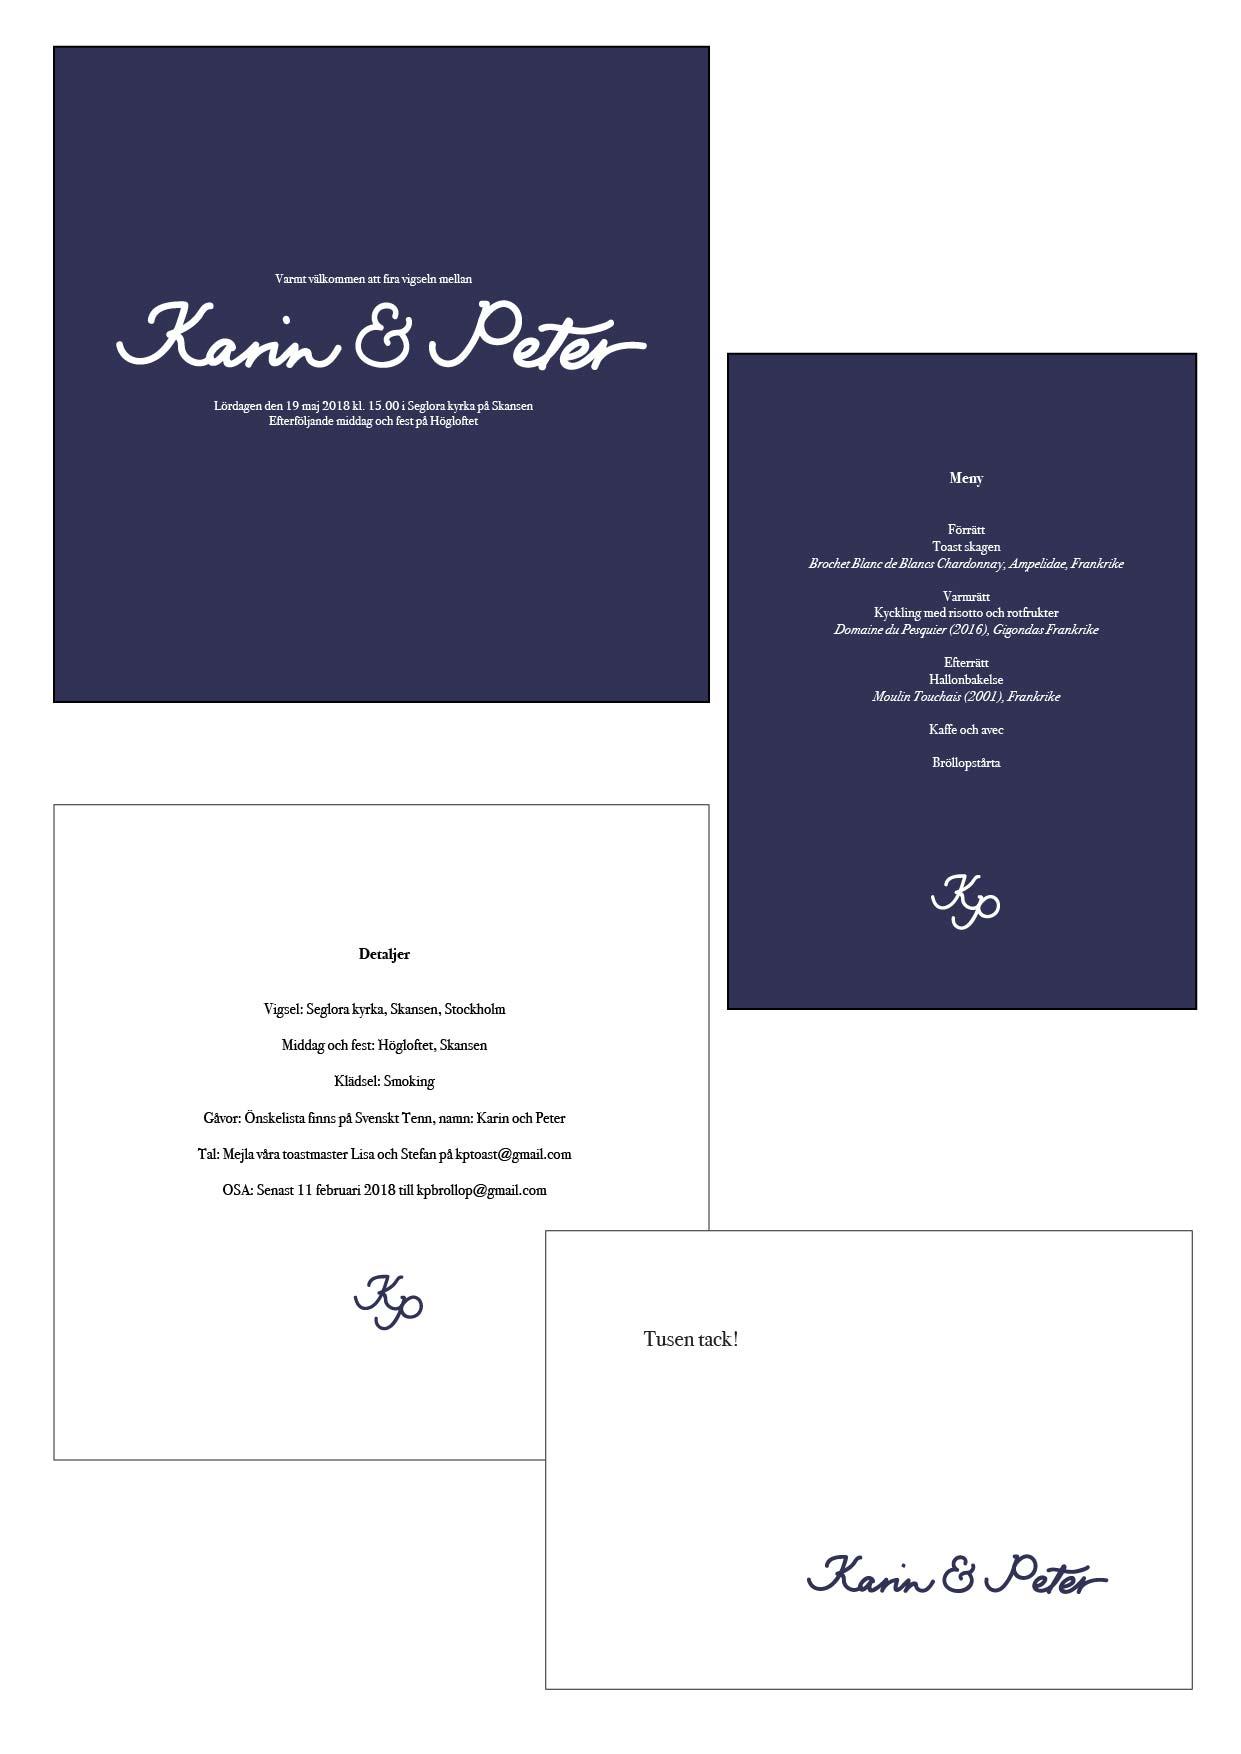 Wedding invitation suite, graphic